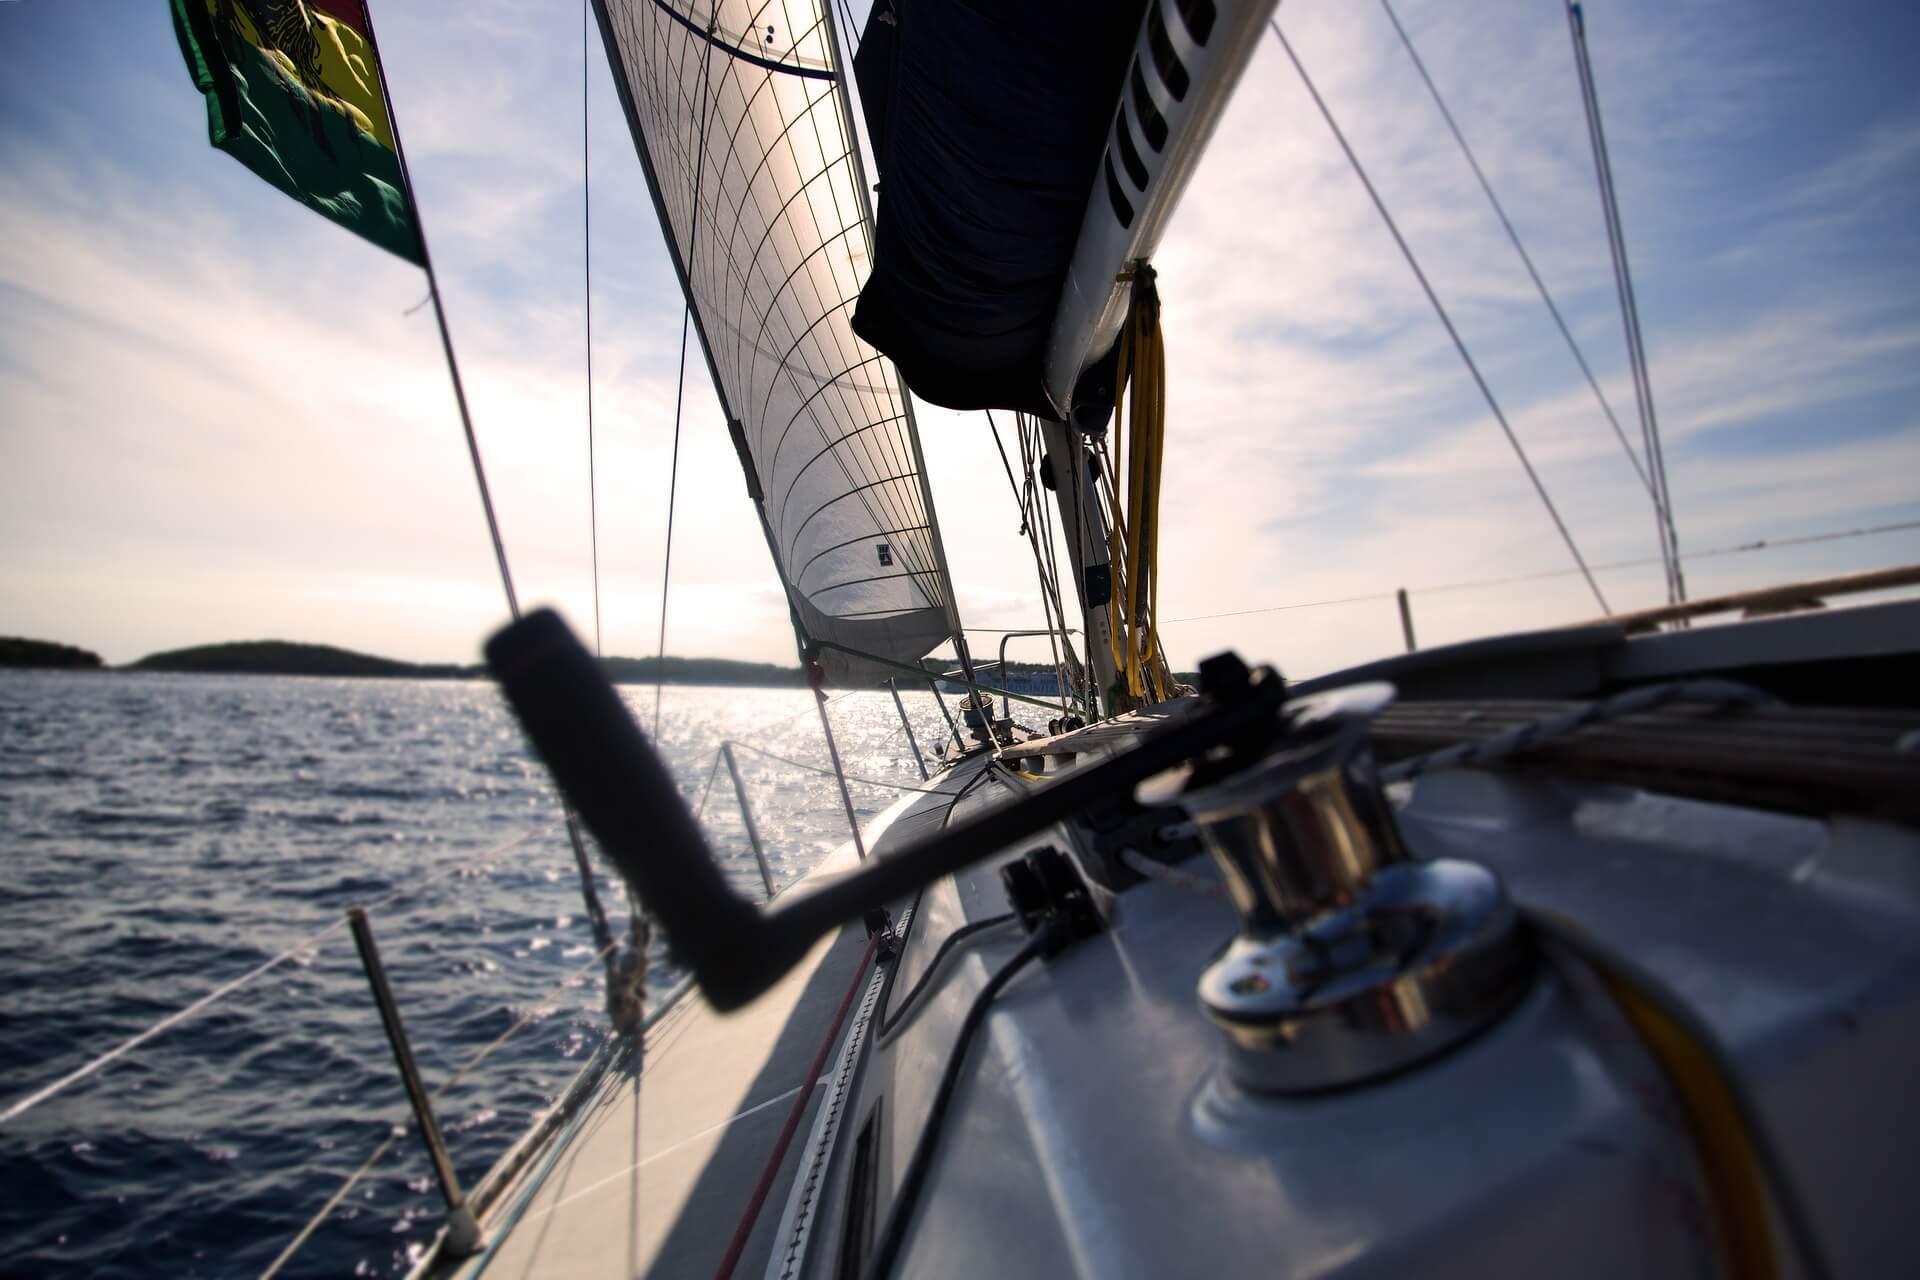 Batterie pas cher l'Isle d'Abeau : batterie bateau